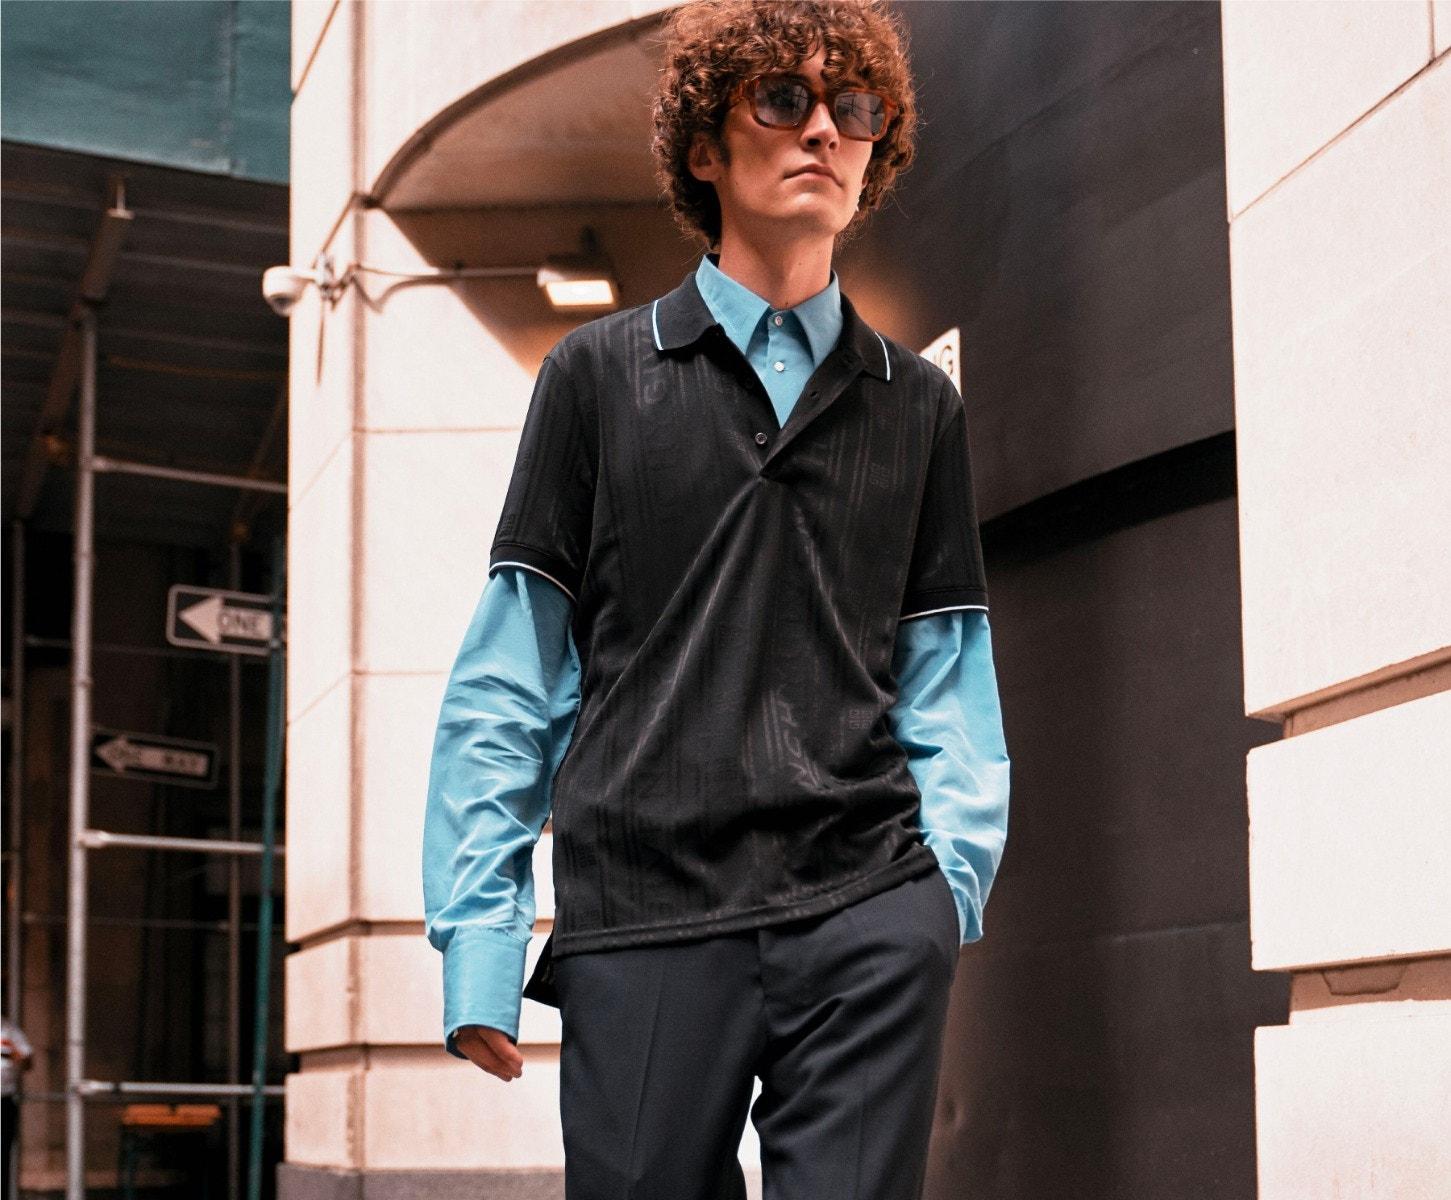 THIERRY LASRY × ENFANTS RICHES DÉPRIMÉS The Isolar Sunglasses – GIVENCHY Polo Shirt – WALES BONNER Shirt – AMI ALEXANDRE MATTIUSSI Trousers